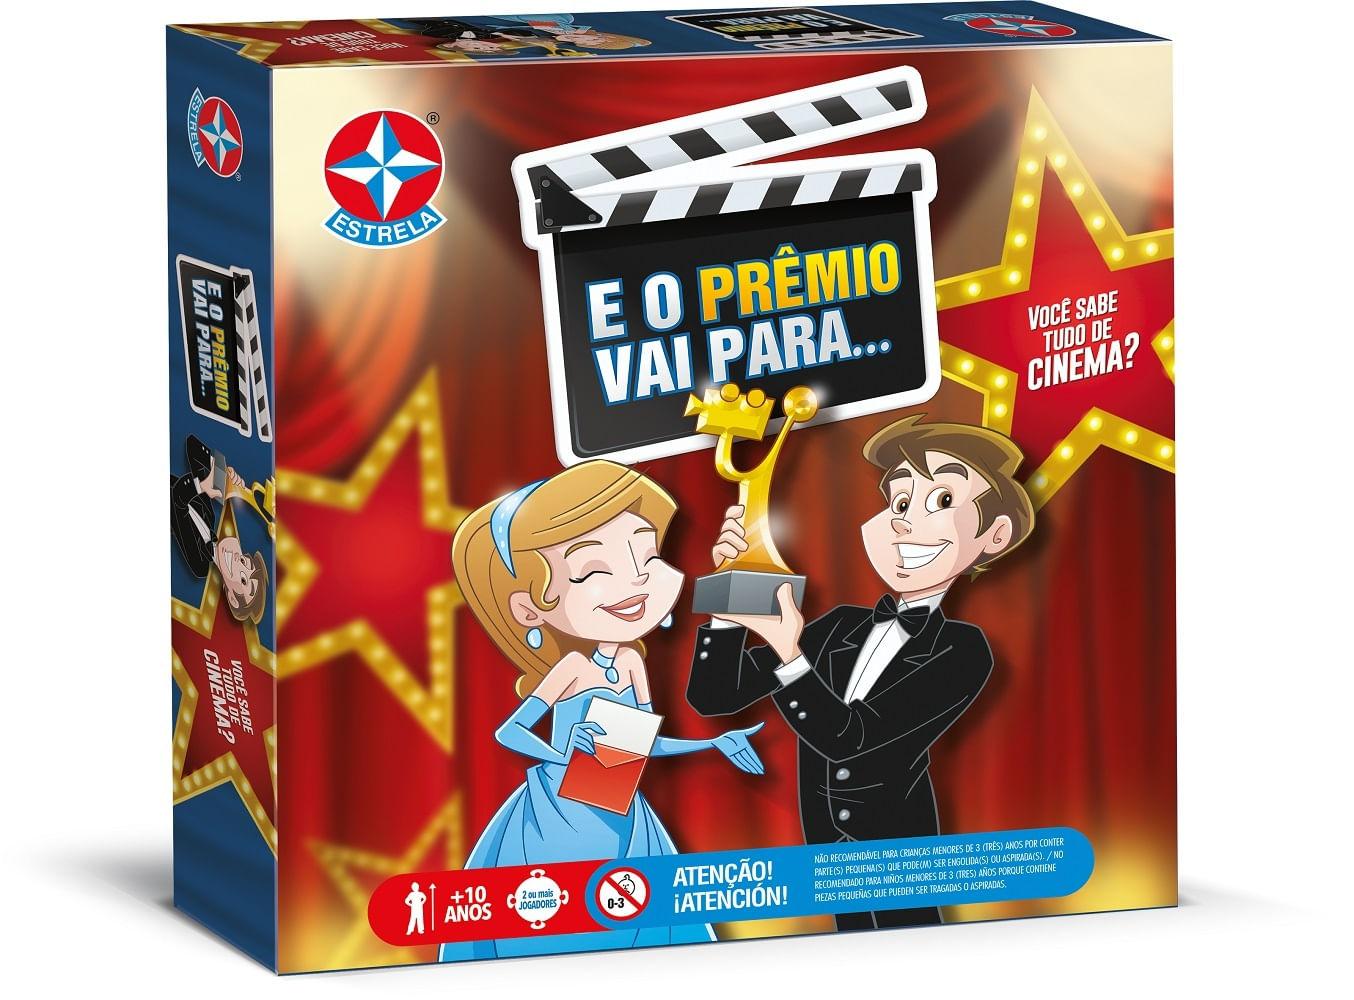 Jogo - E O Prêmio Vai Para - Estrela